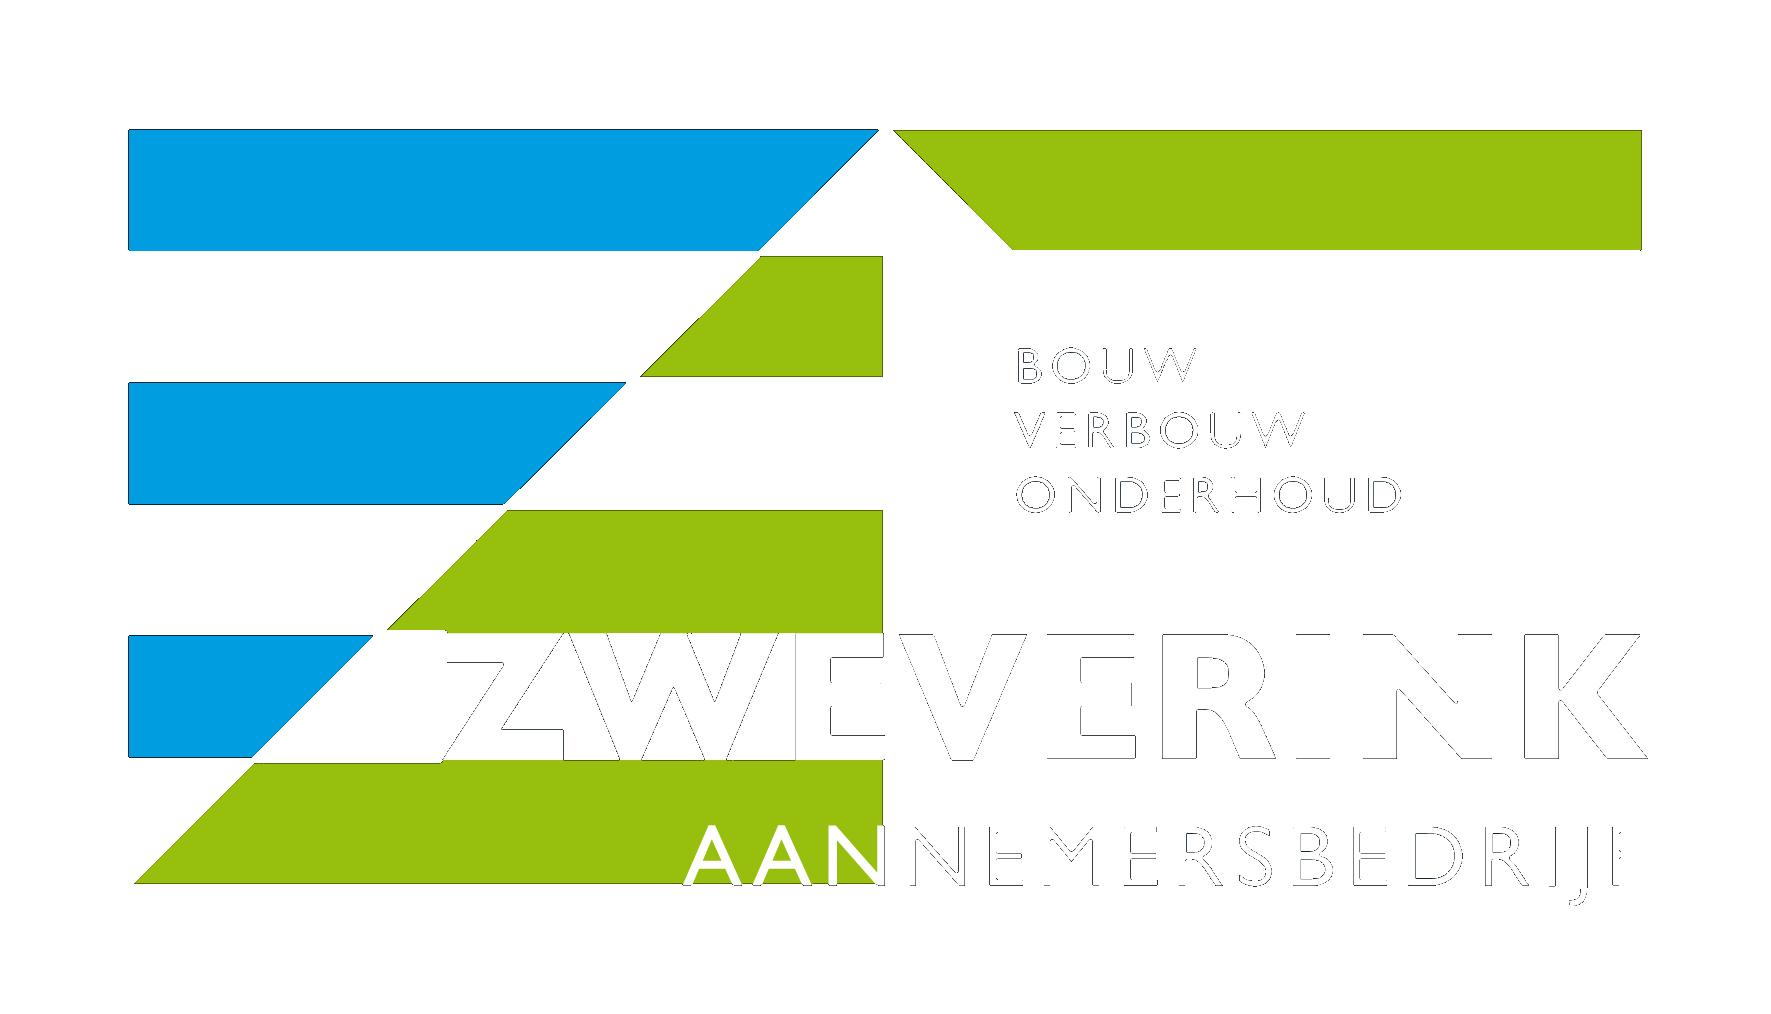 Aannemersbedrijf Zweverink